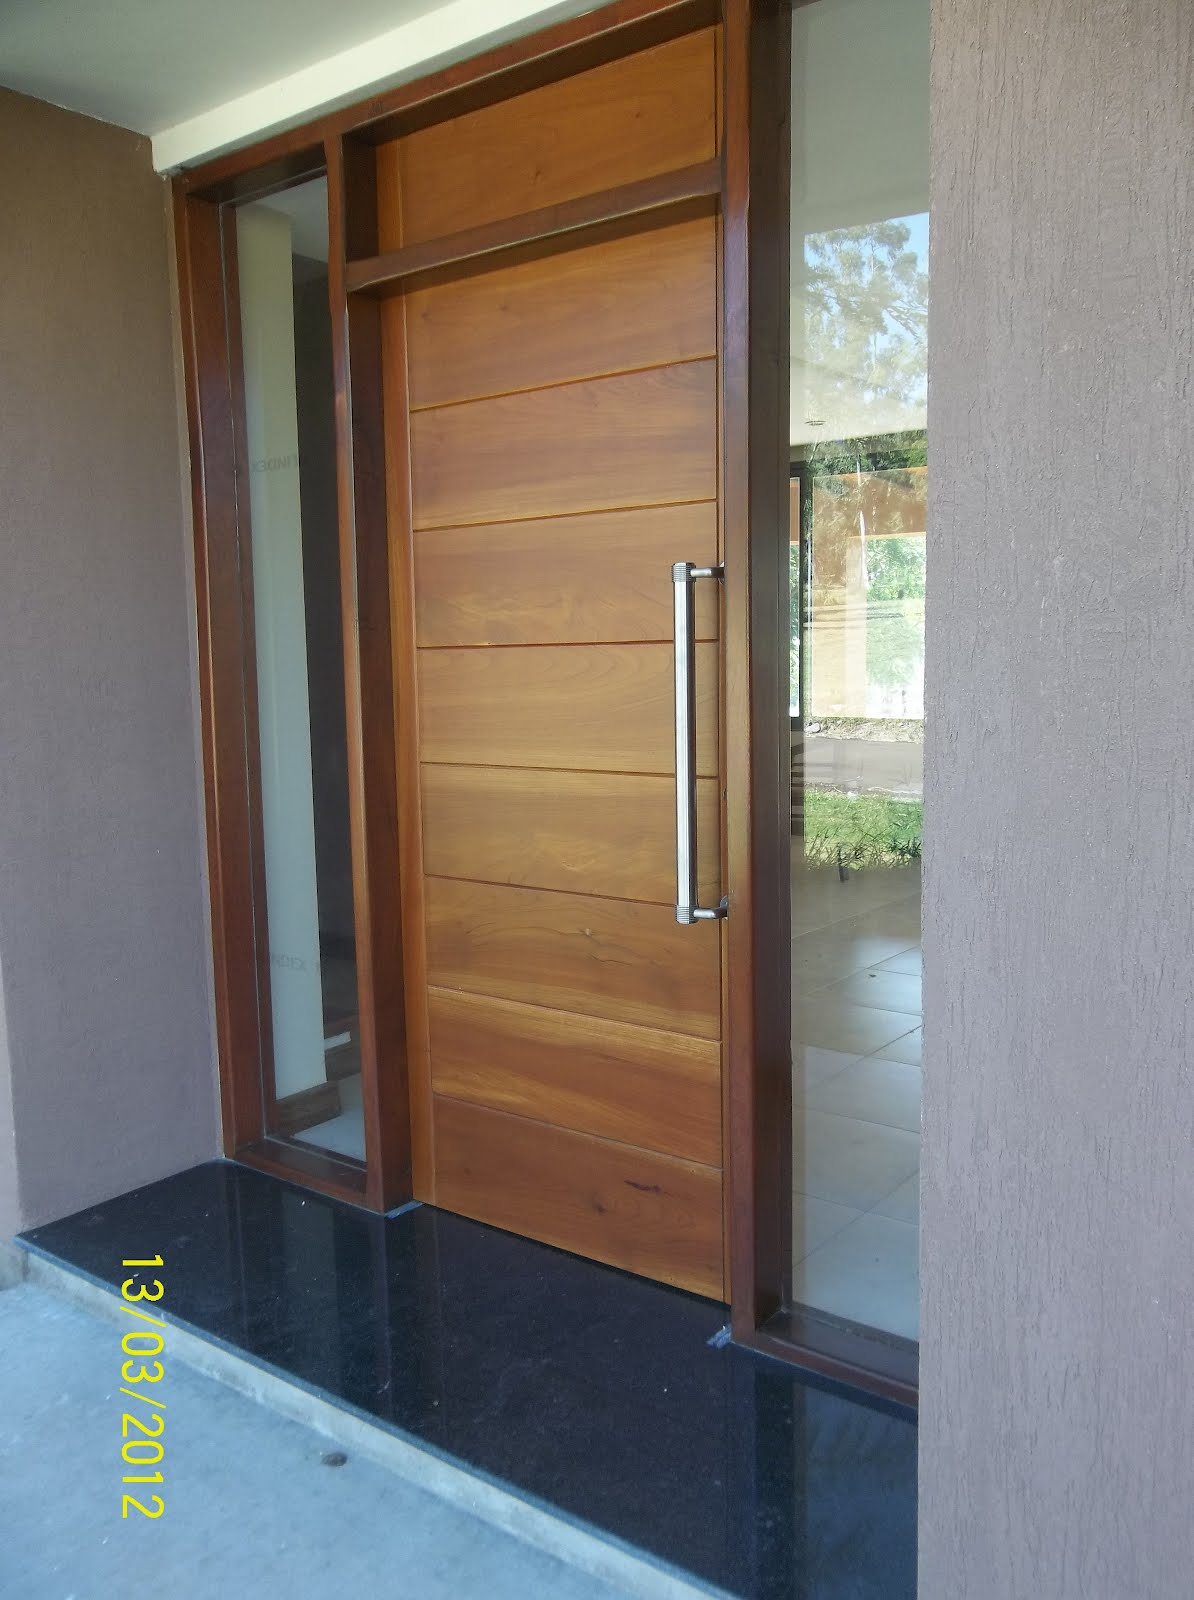 Carpinter a masino parquet carpinteria puerta ventanas for Carpinterias de aluminio en argentina